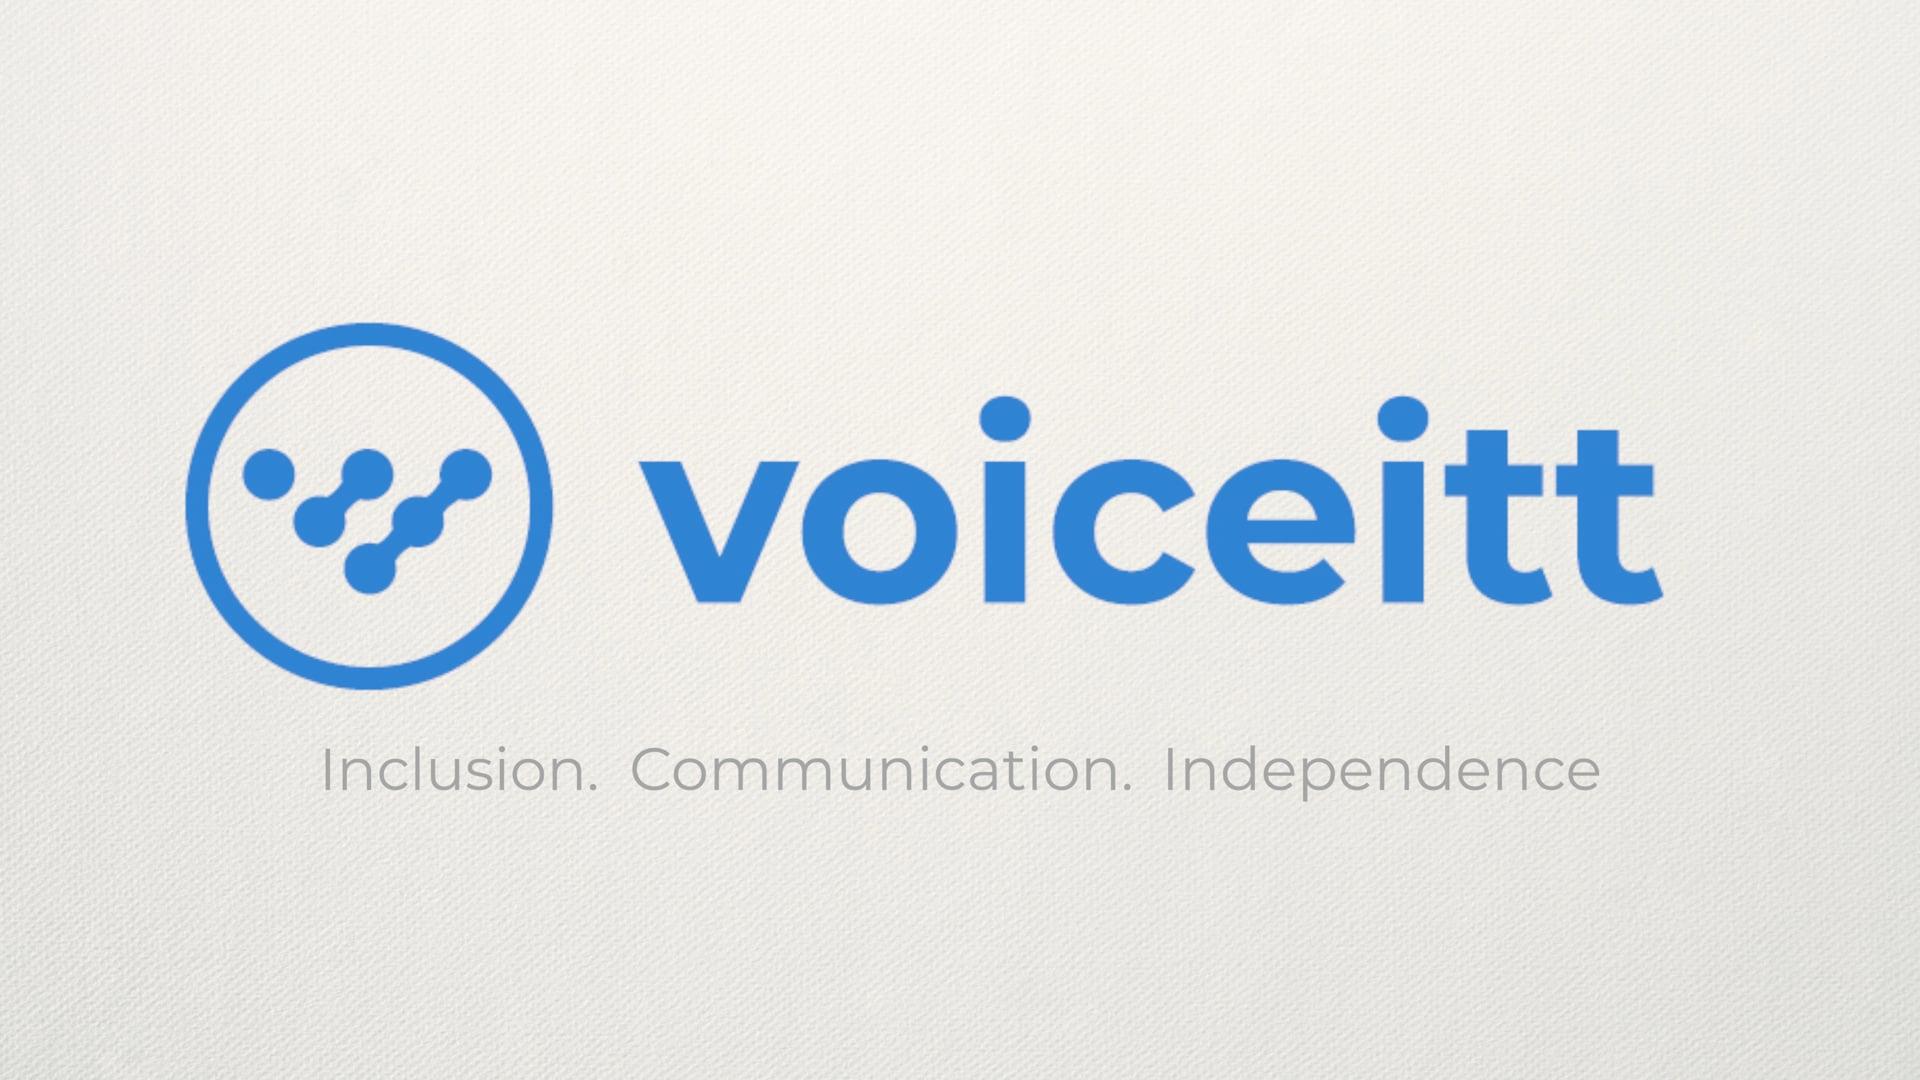 Voiceitt (Meet Nat)